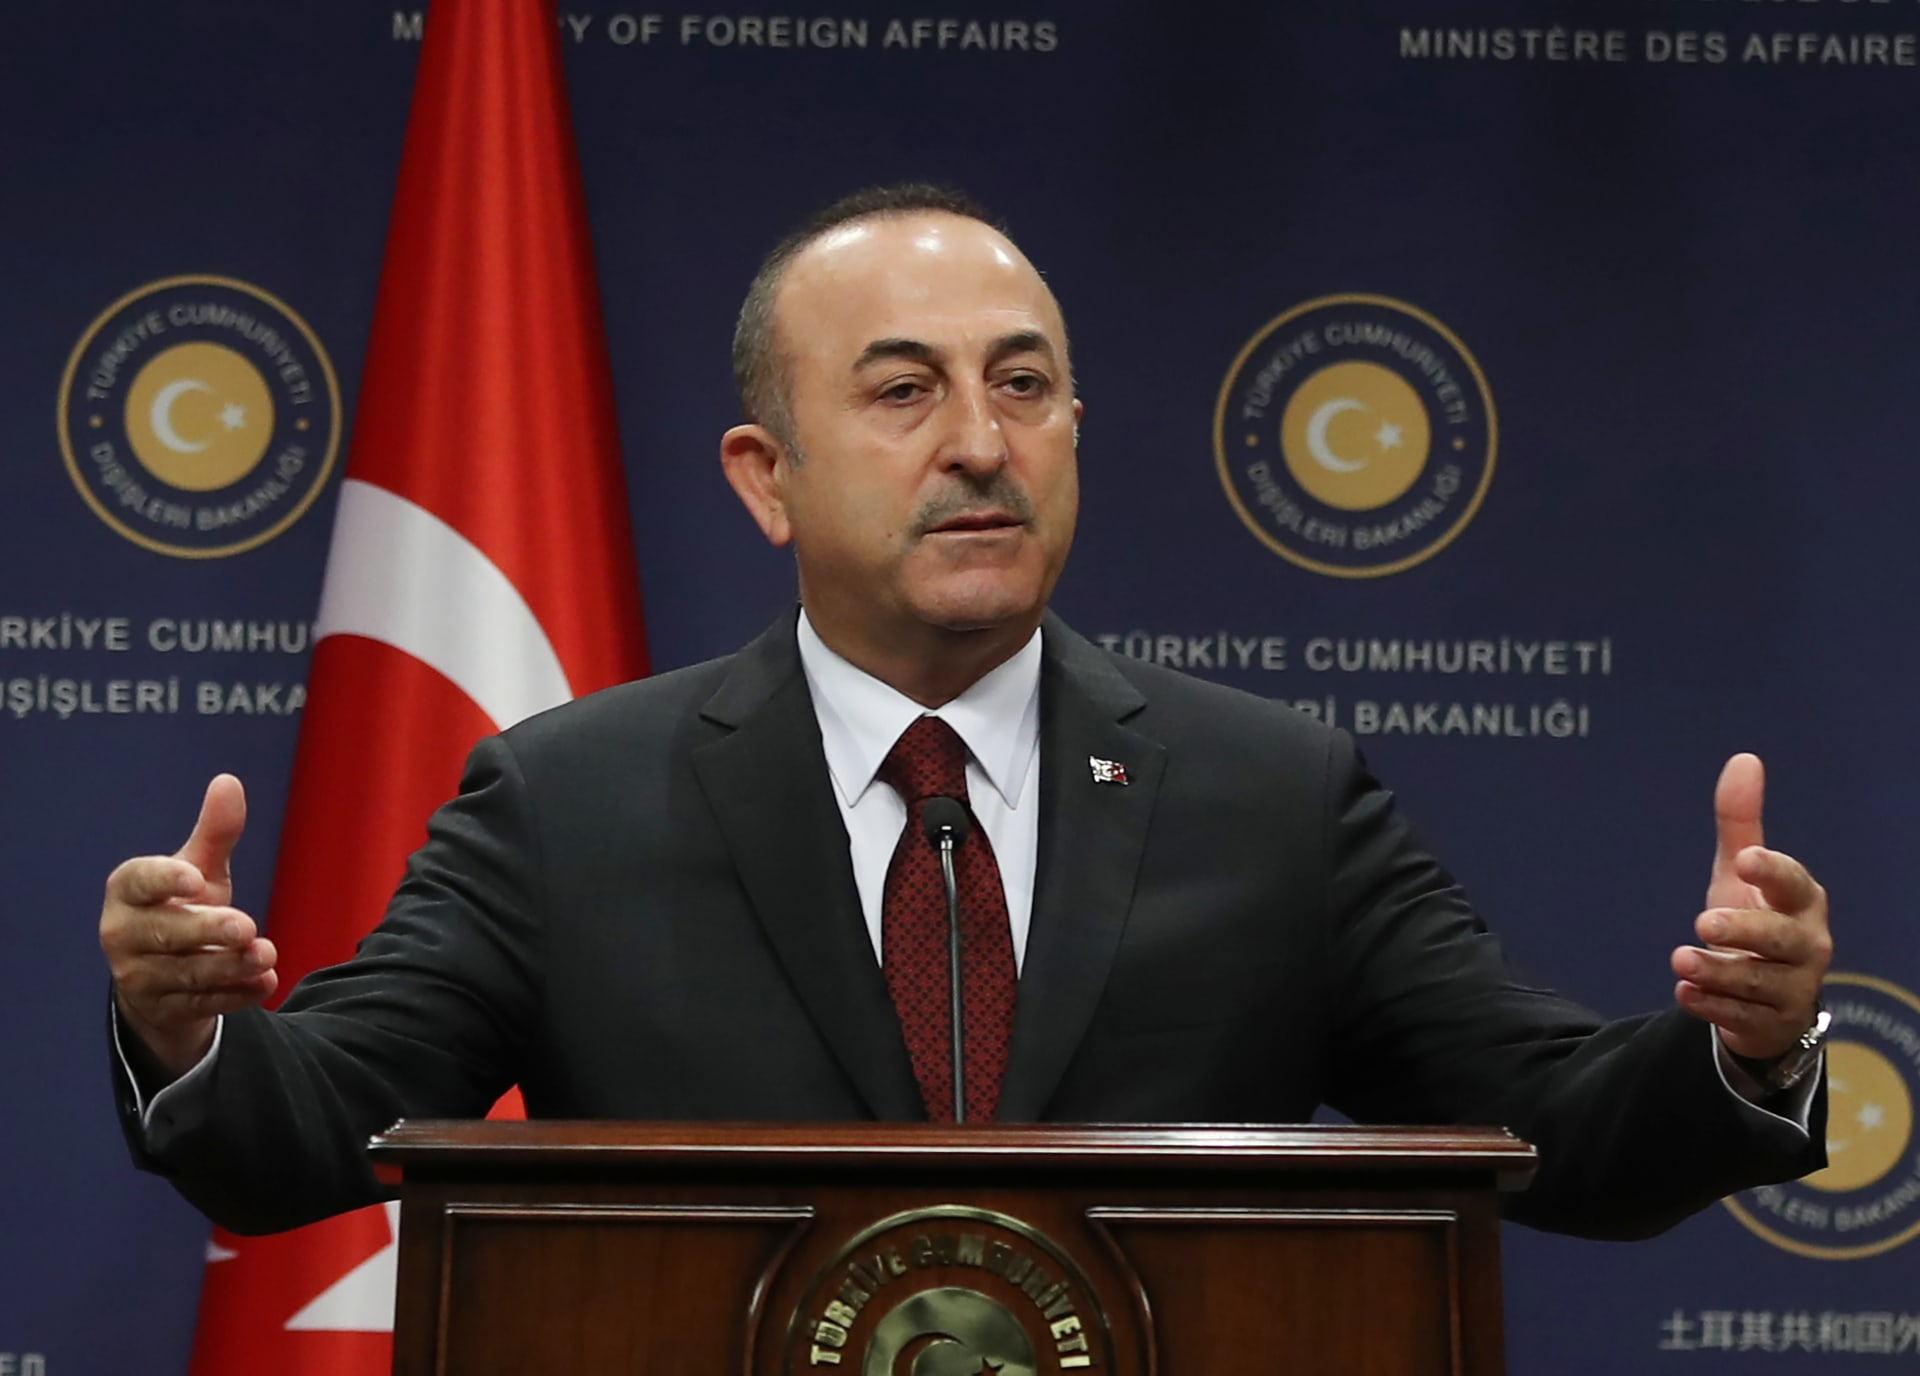 """تركيا عن قرار """"عدم تجديد الإعفاءات"""": لا نقبل الإملاءات في علاقاتنا مع الجيران"""